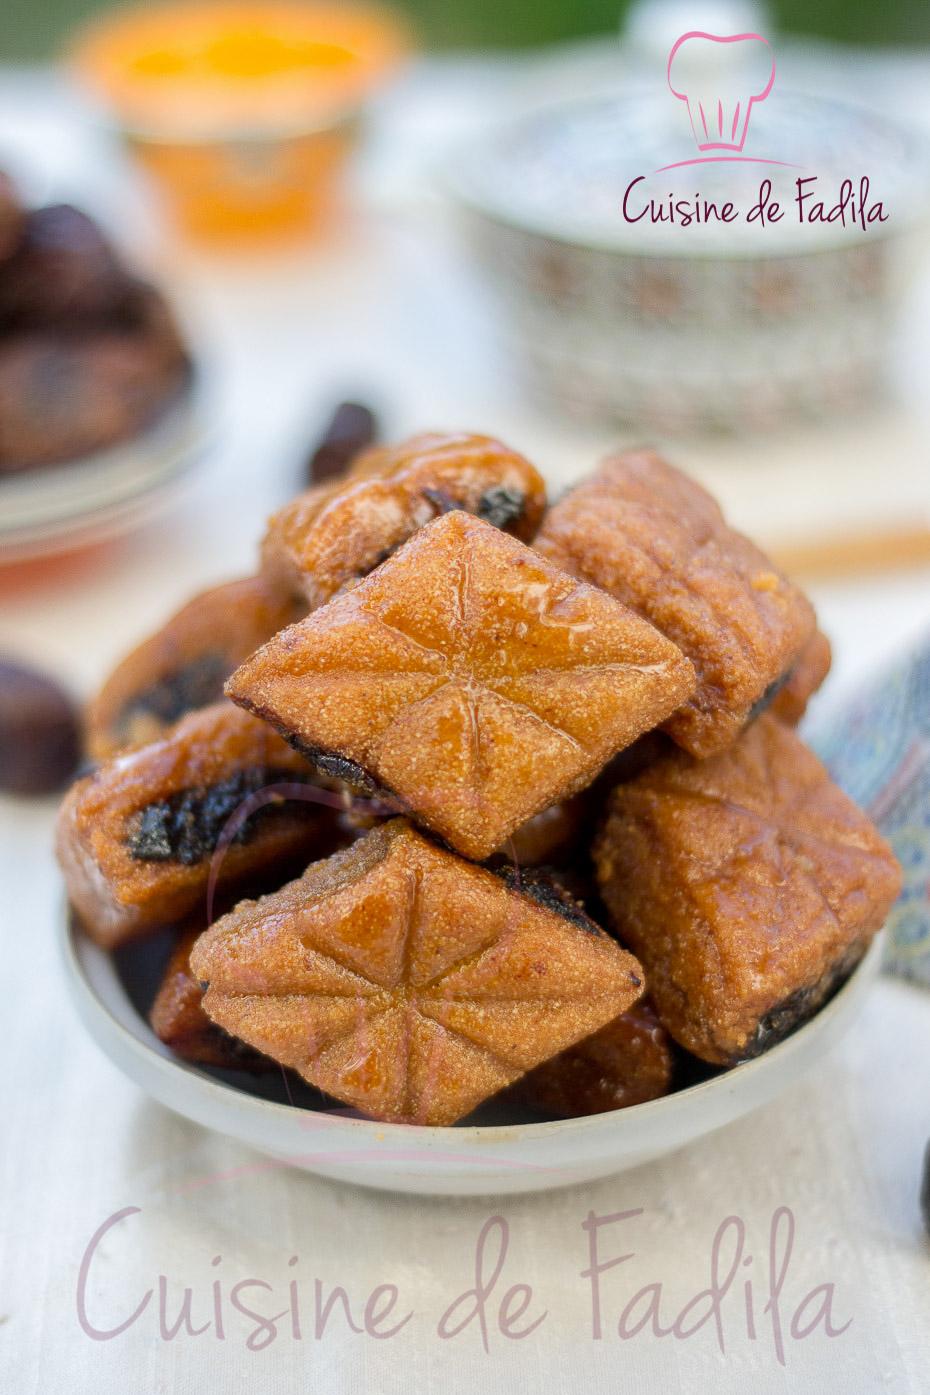 Makrout aux dattes gateaux marocains recettes marocaines